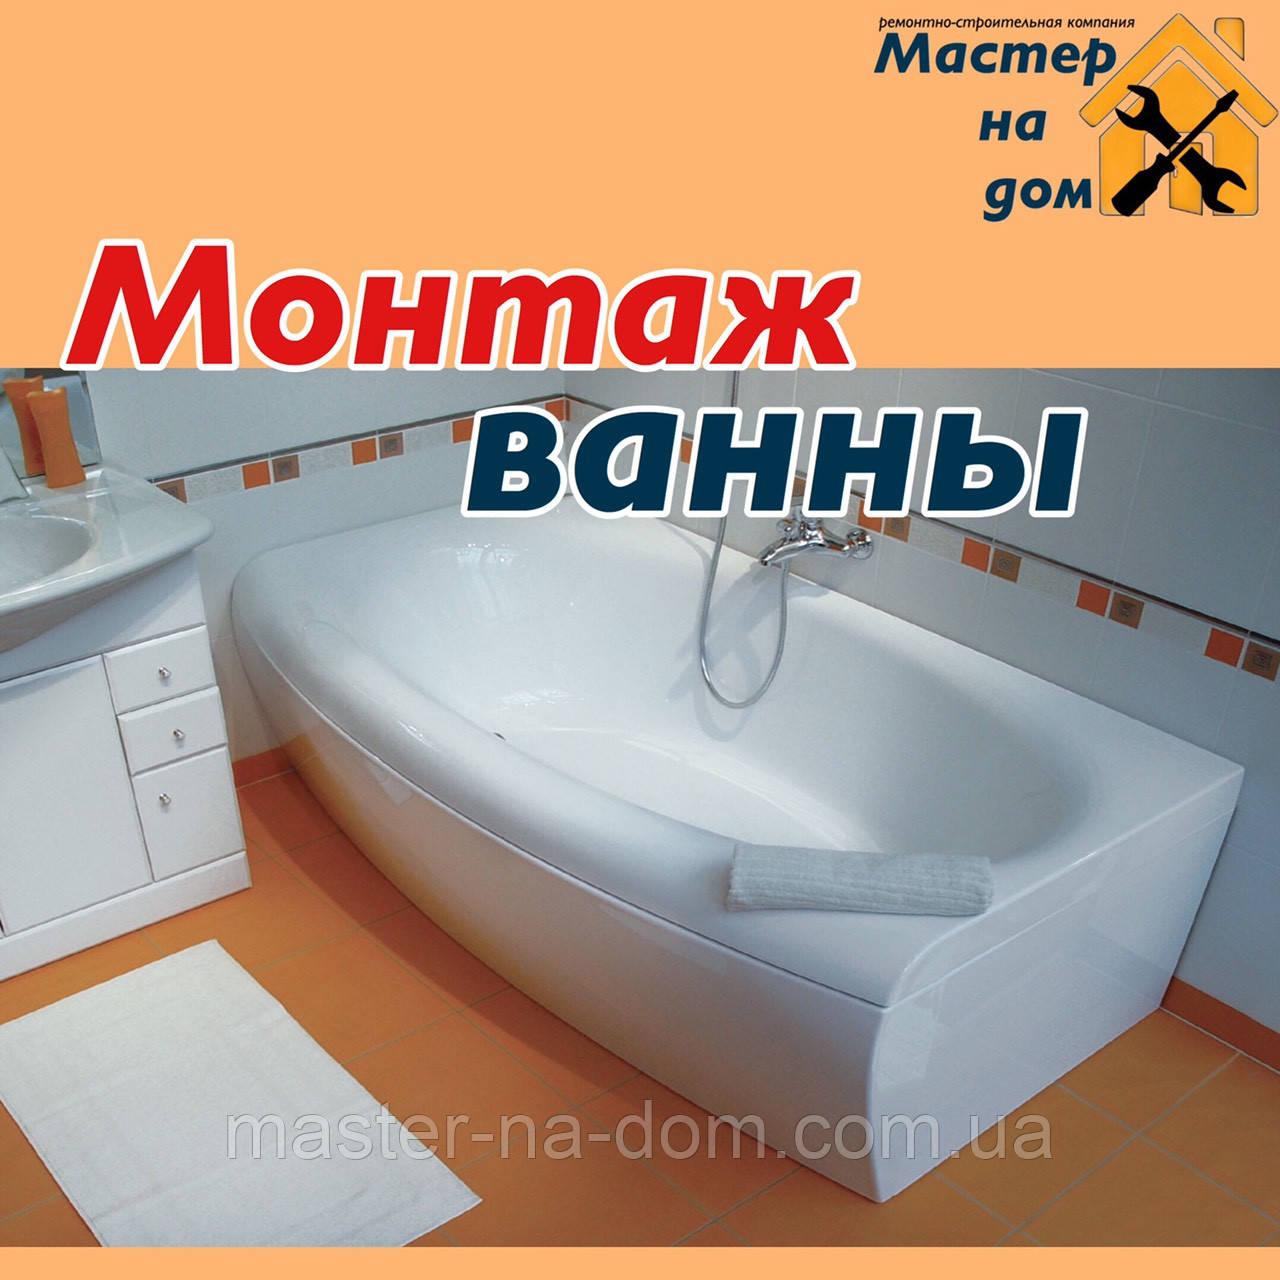 Монтаж ванны в Луцке